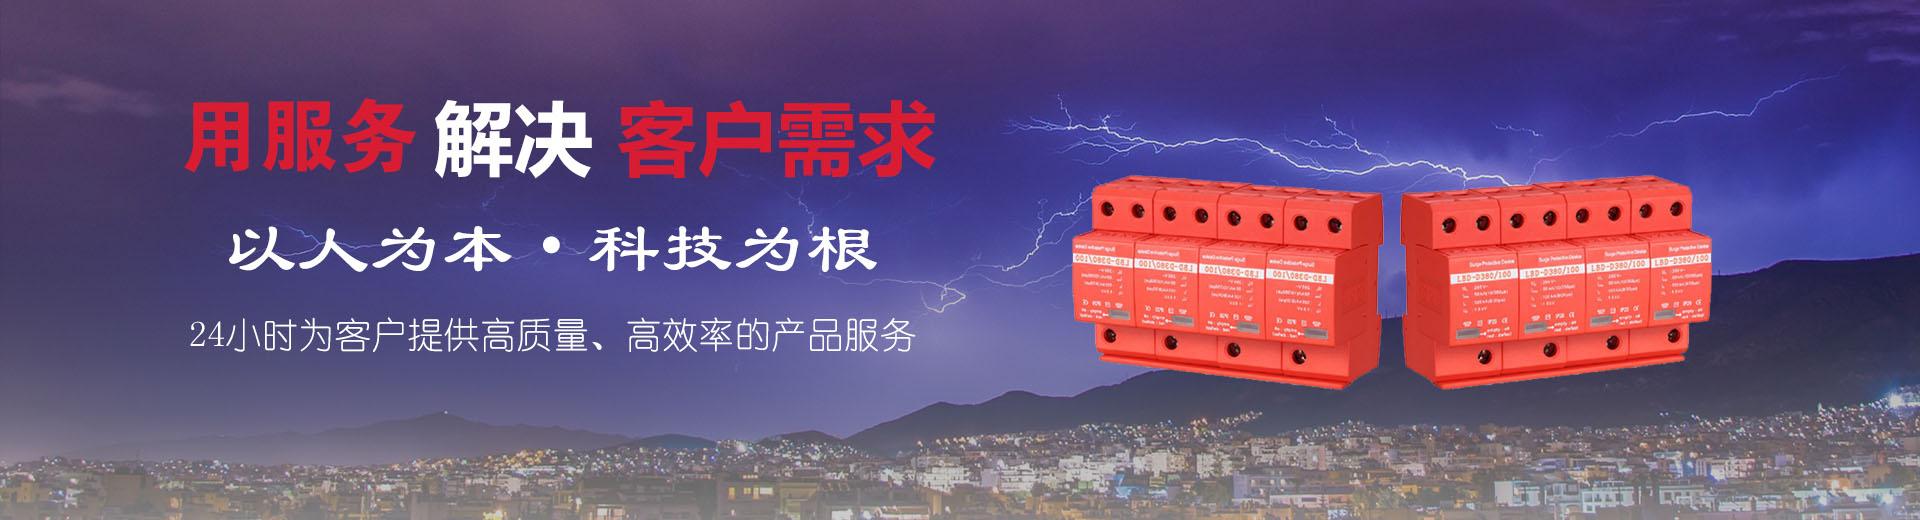 湖北信号万博app最新版器